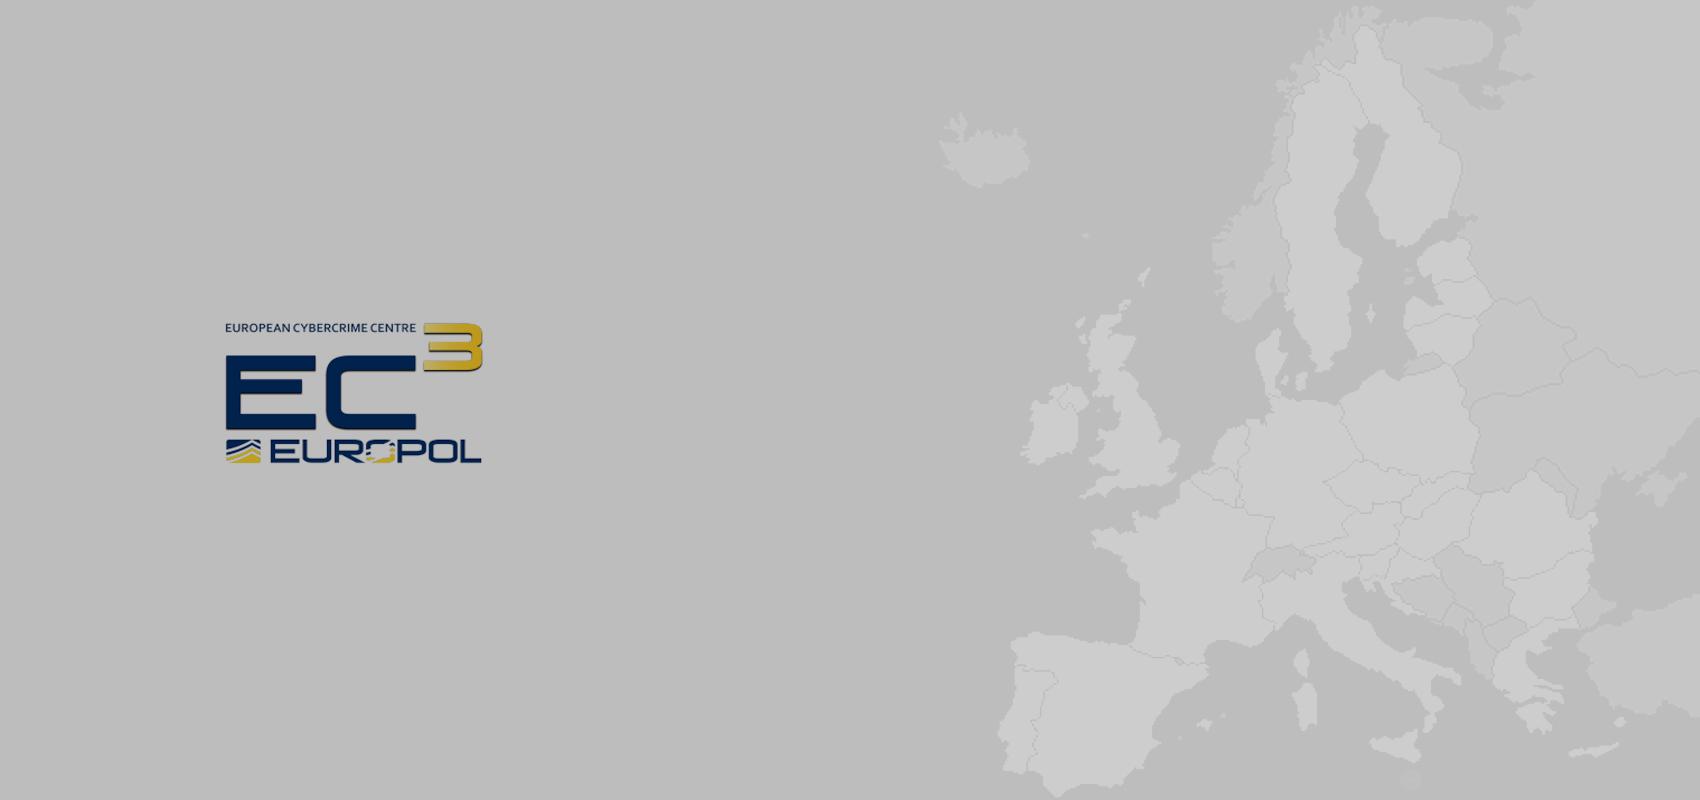 ja-til-europol